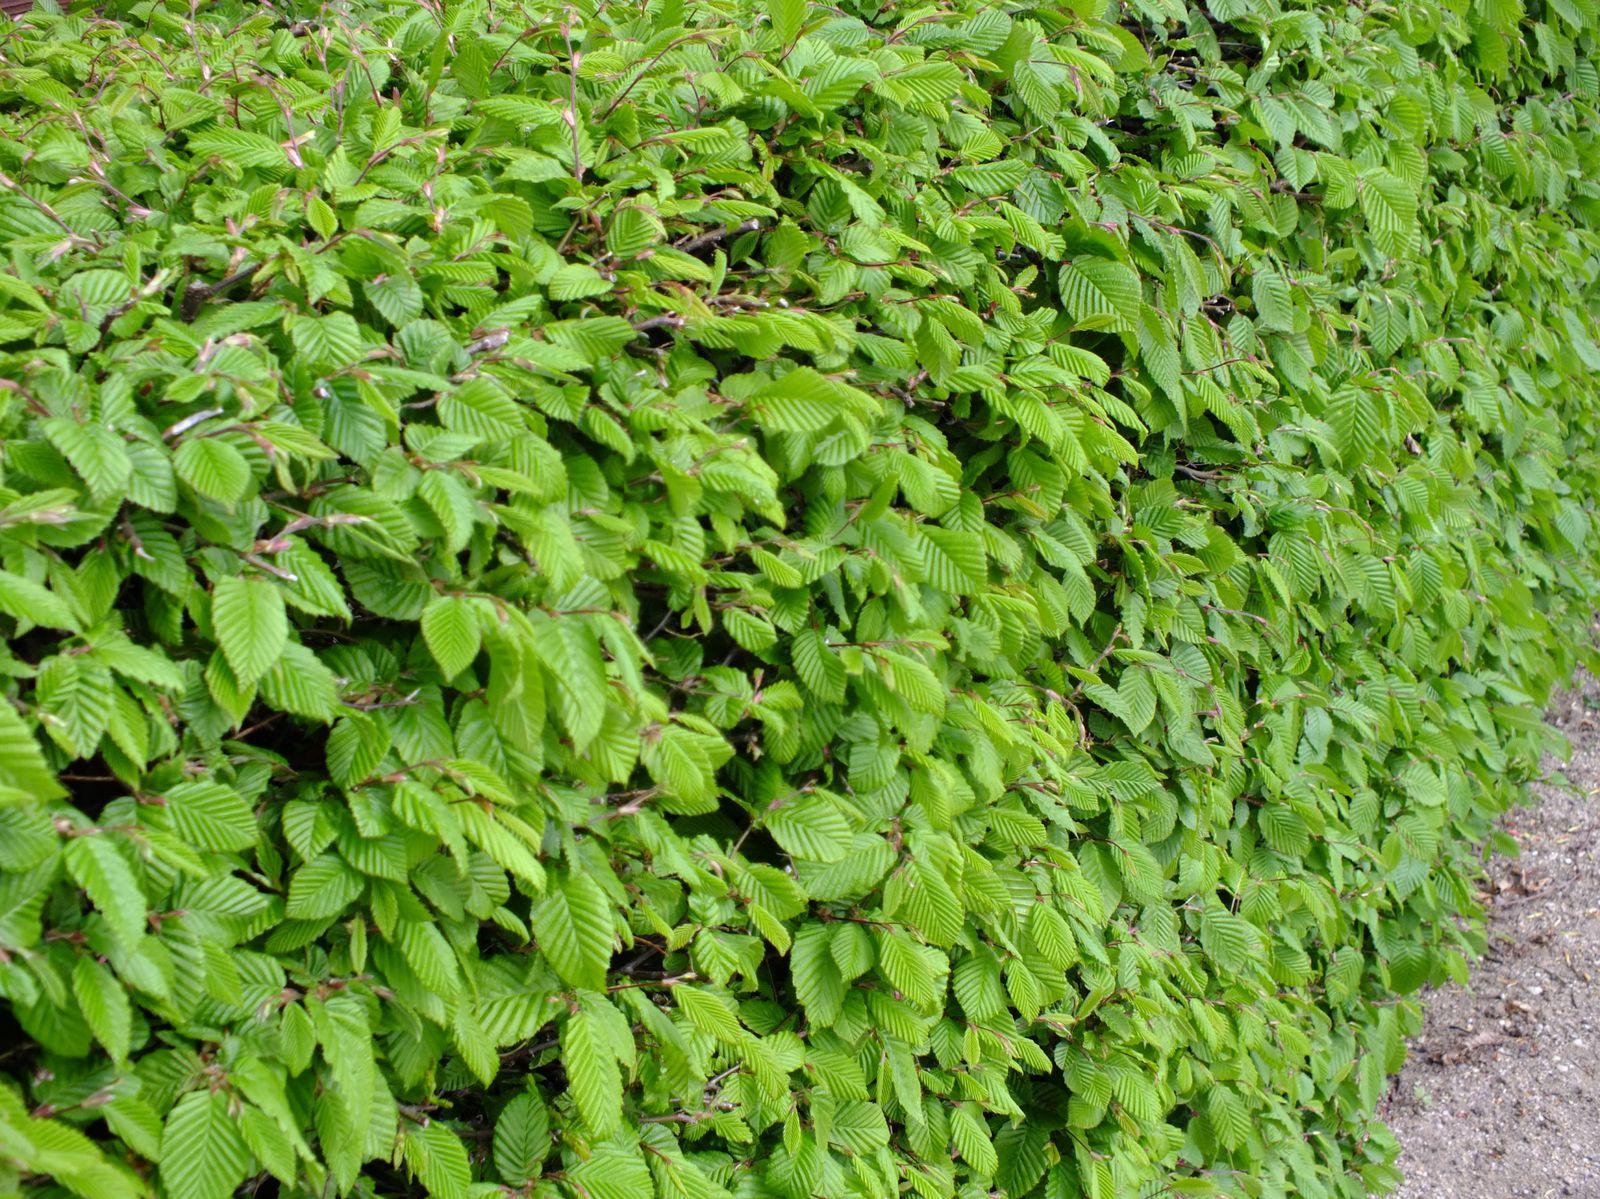 Häufig Pflanzen Tips & Co: Buchenhecke schneiden - Garten & Pflanzen BLOG VT56